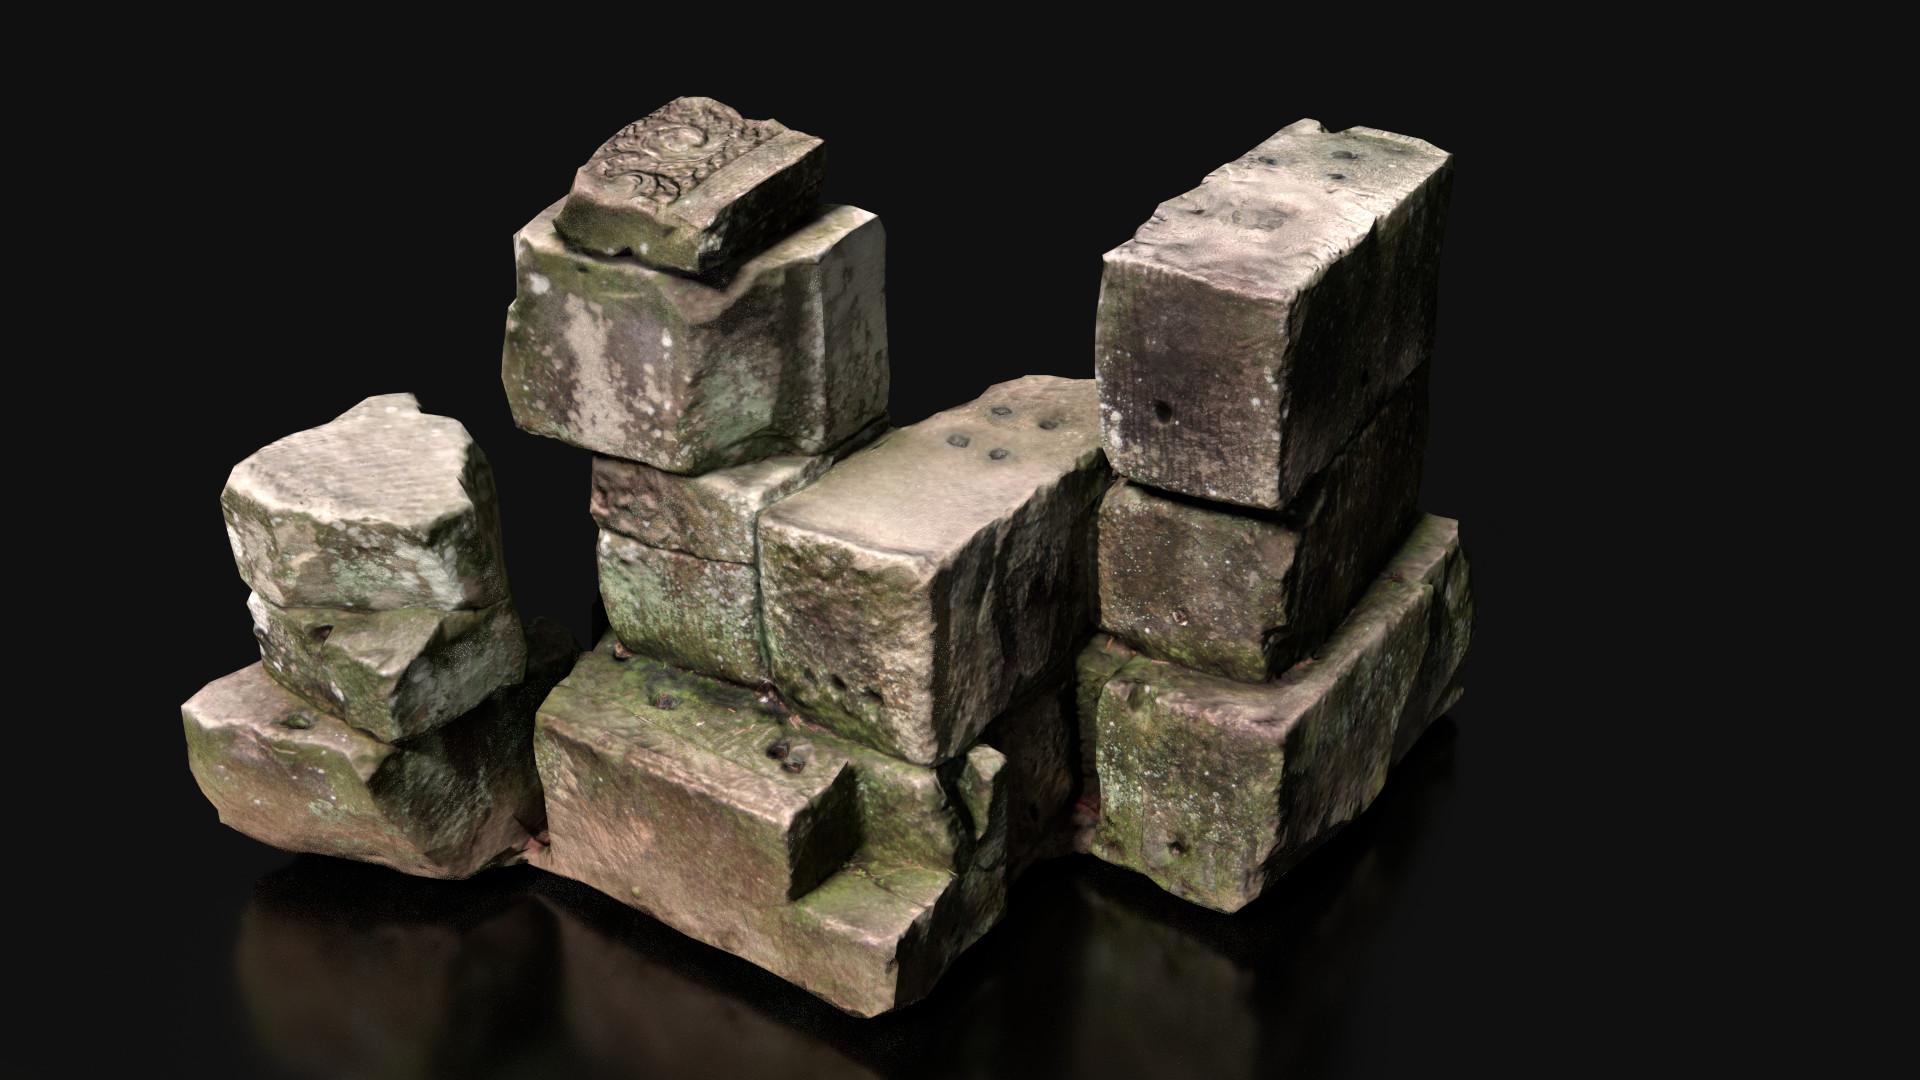 Sieben corgie stonepile 03